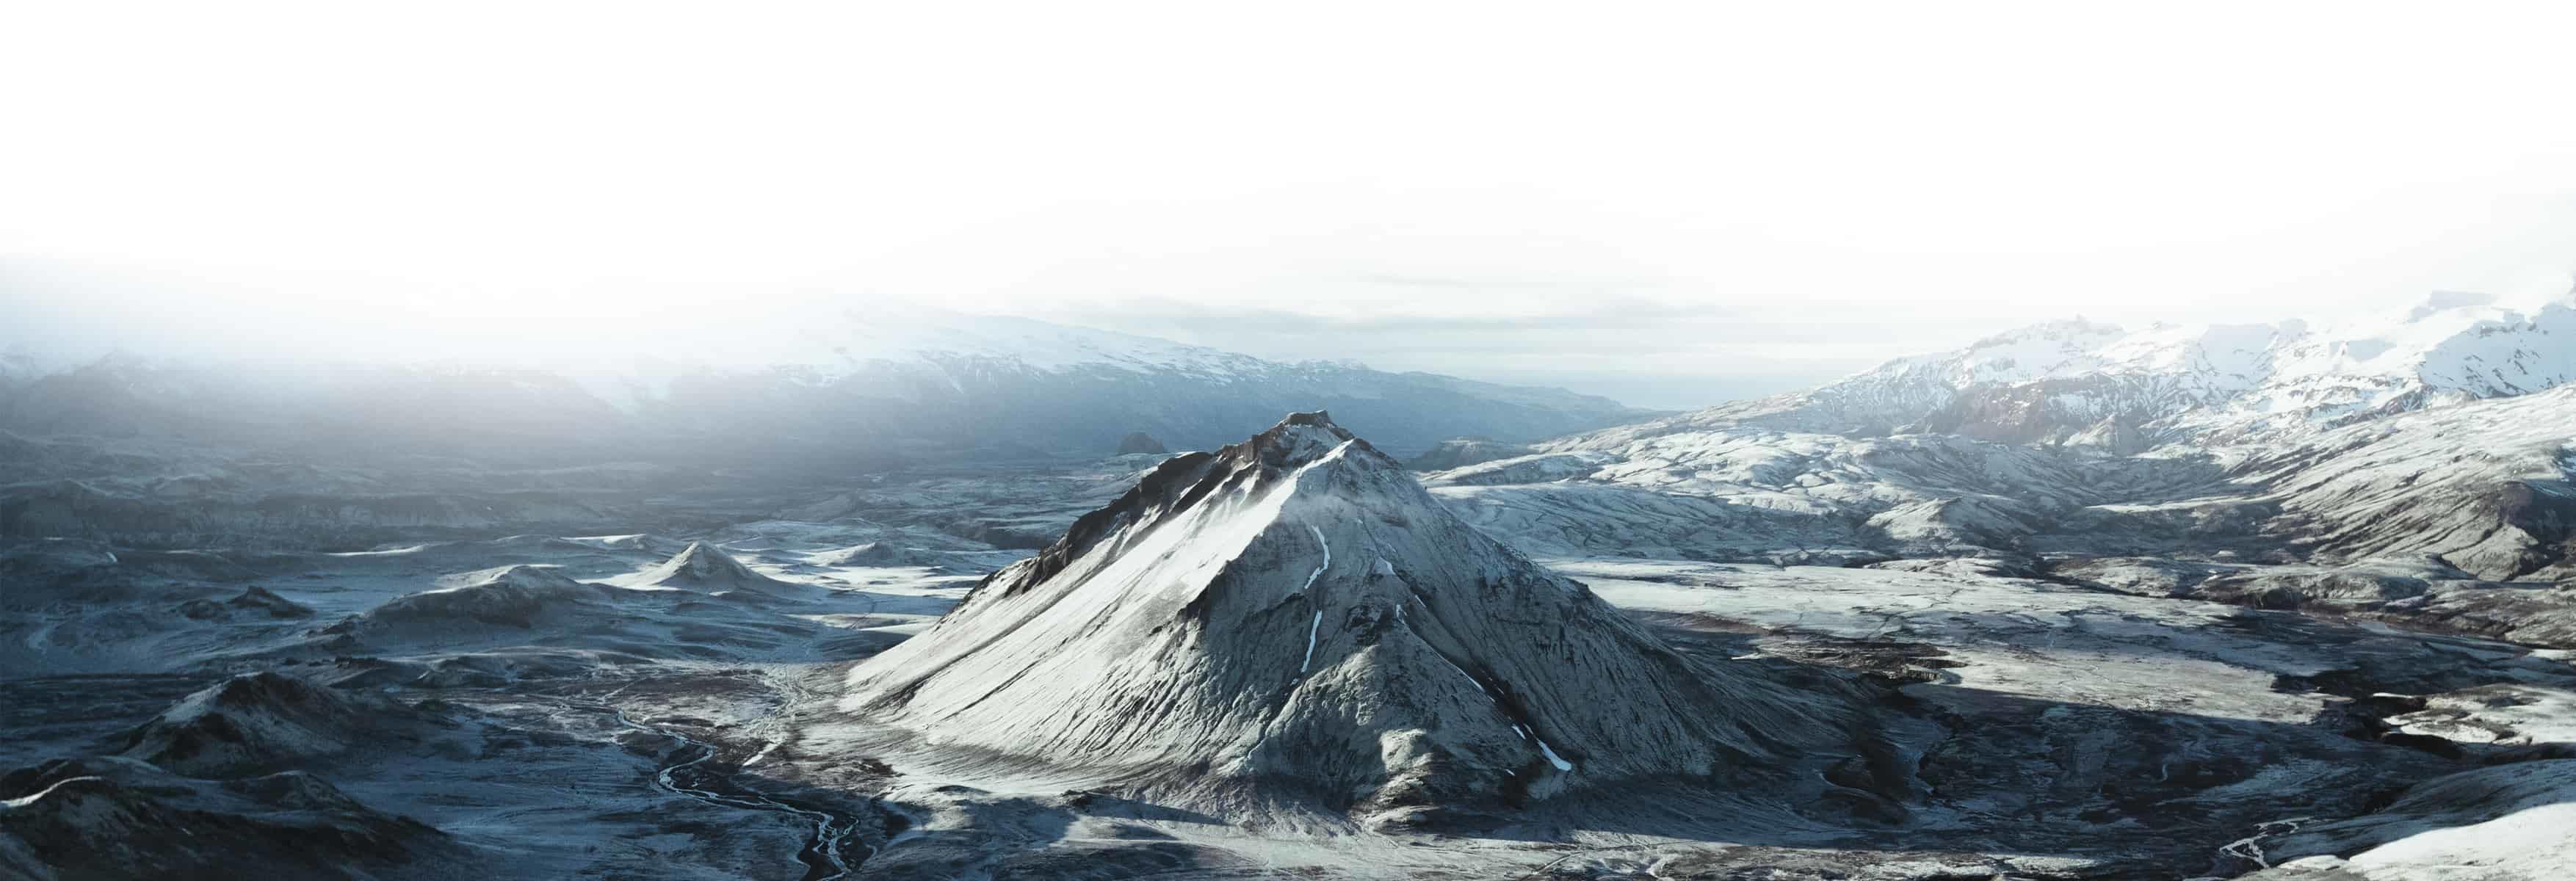 Photo Montagne Islande Jcpieri